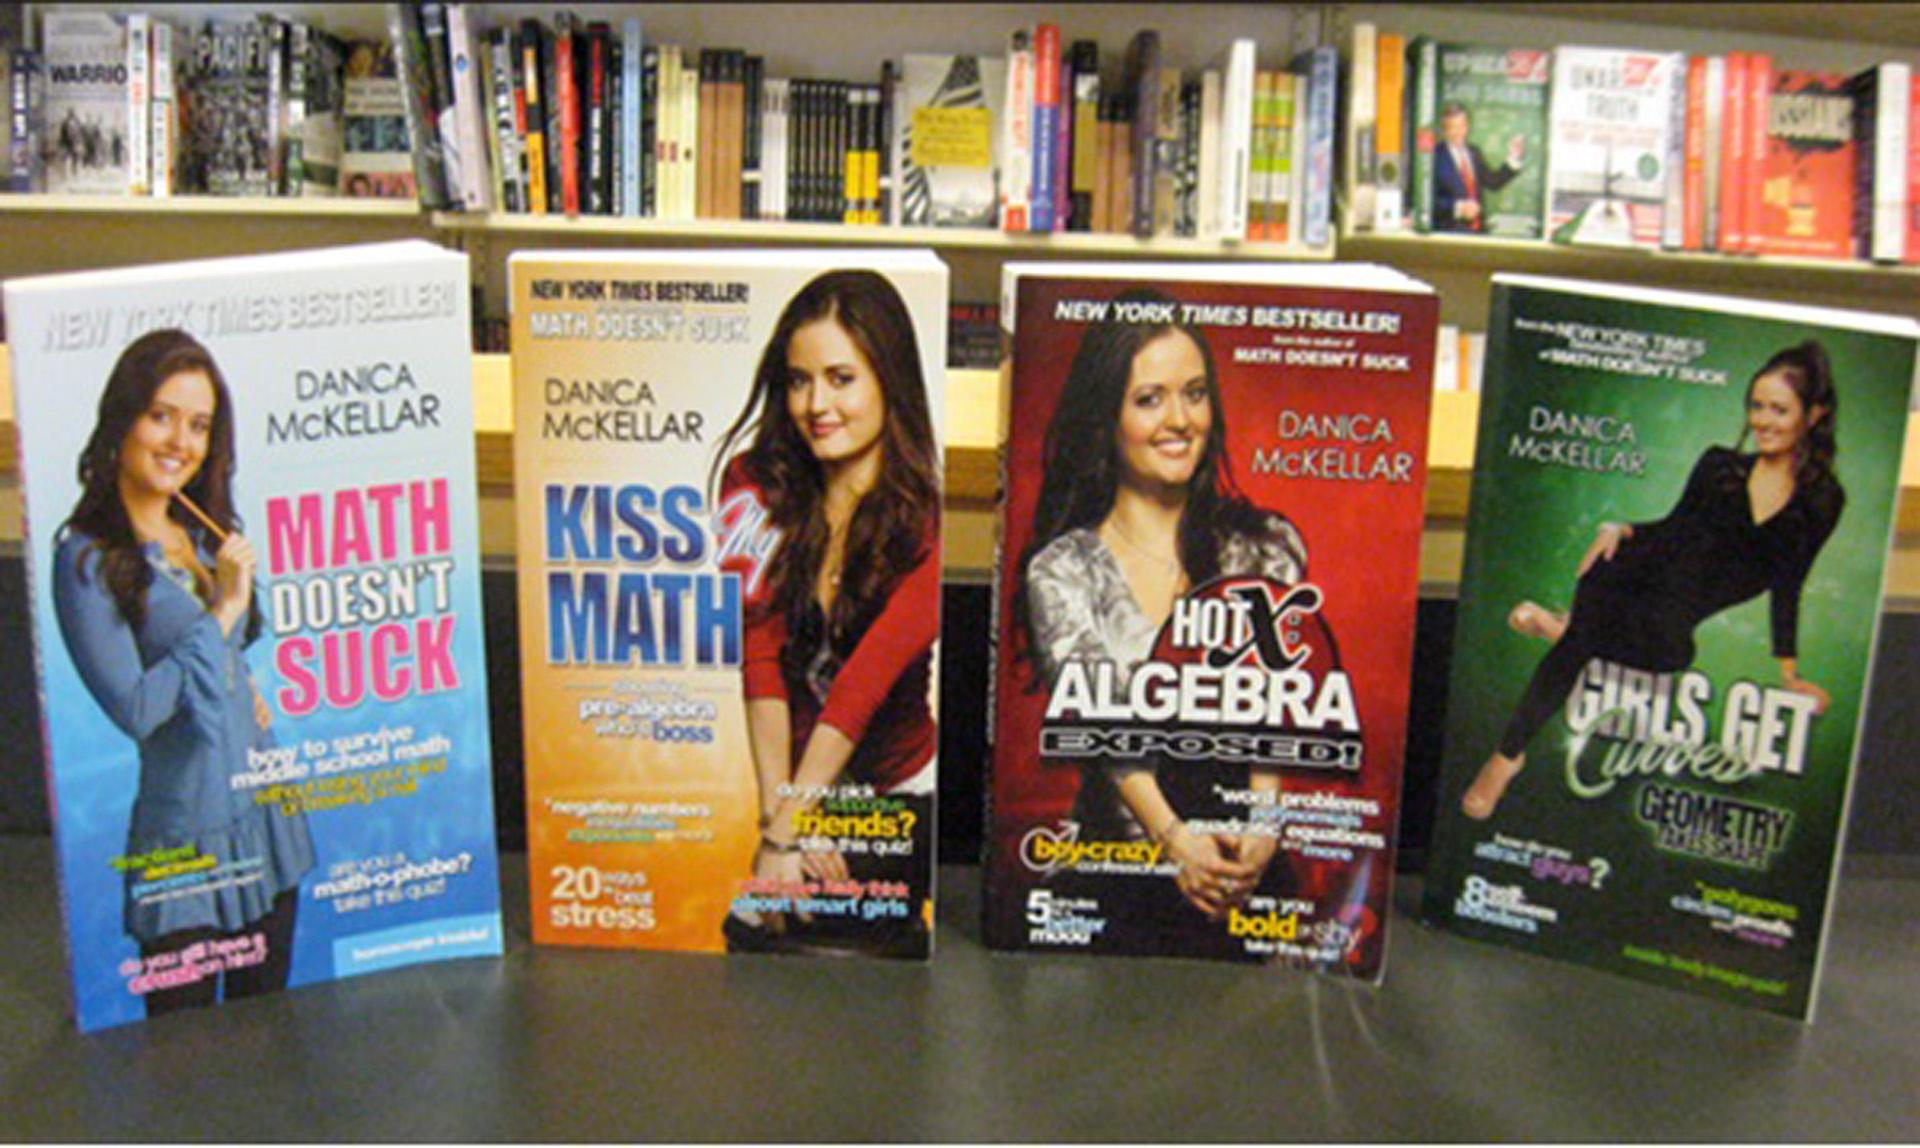 Algunos de los libros de Danica McKellar